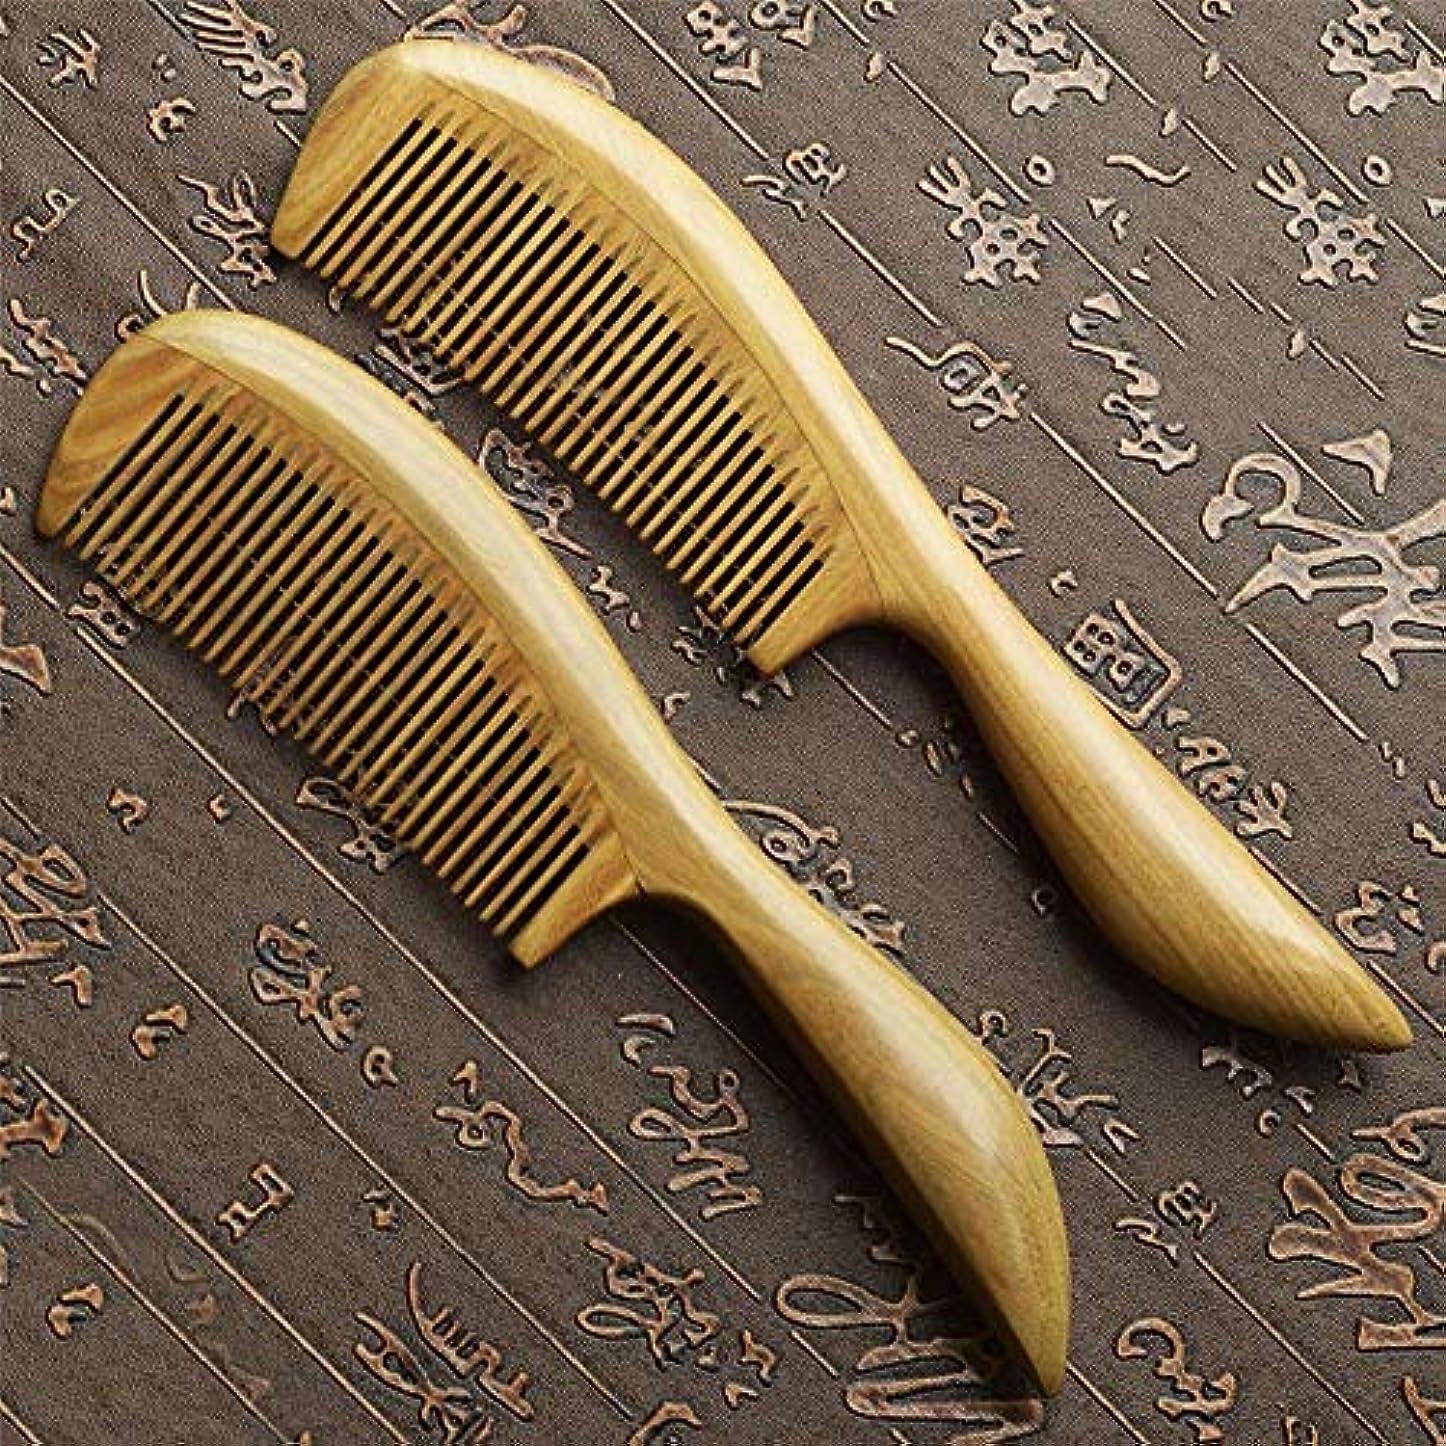 極貧クラック礼儀WASAIO ヘアブラシナチュラル木製くし髪-ウェットまたはドライカーリー、太い、波状、またはストレートの髪のもつれをほどき、スタイリングするための帯電防止木材